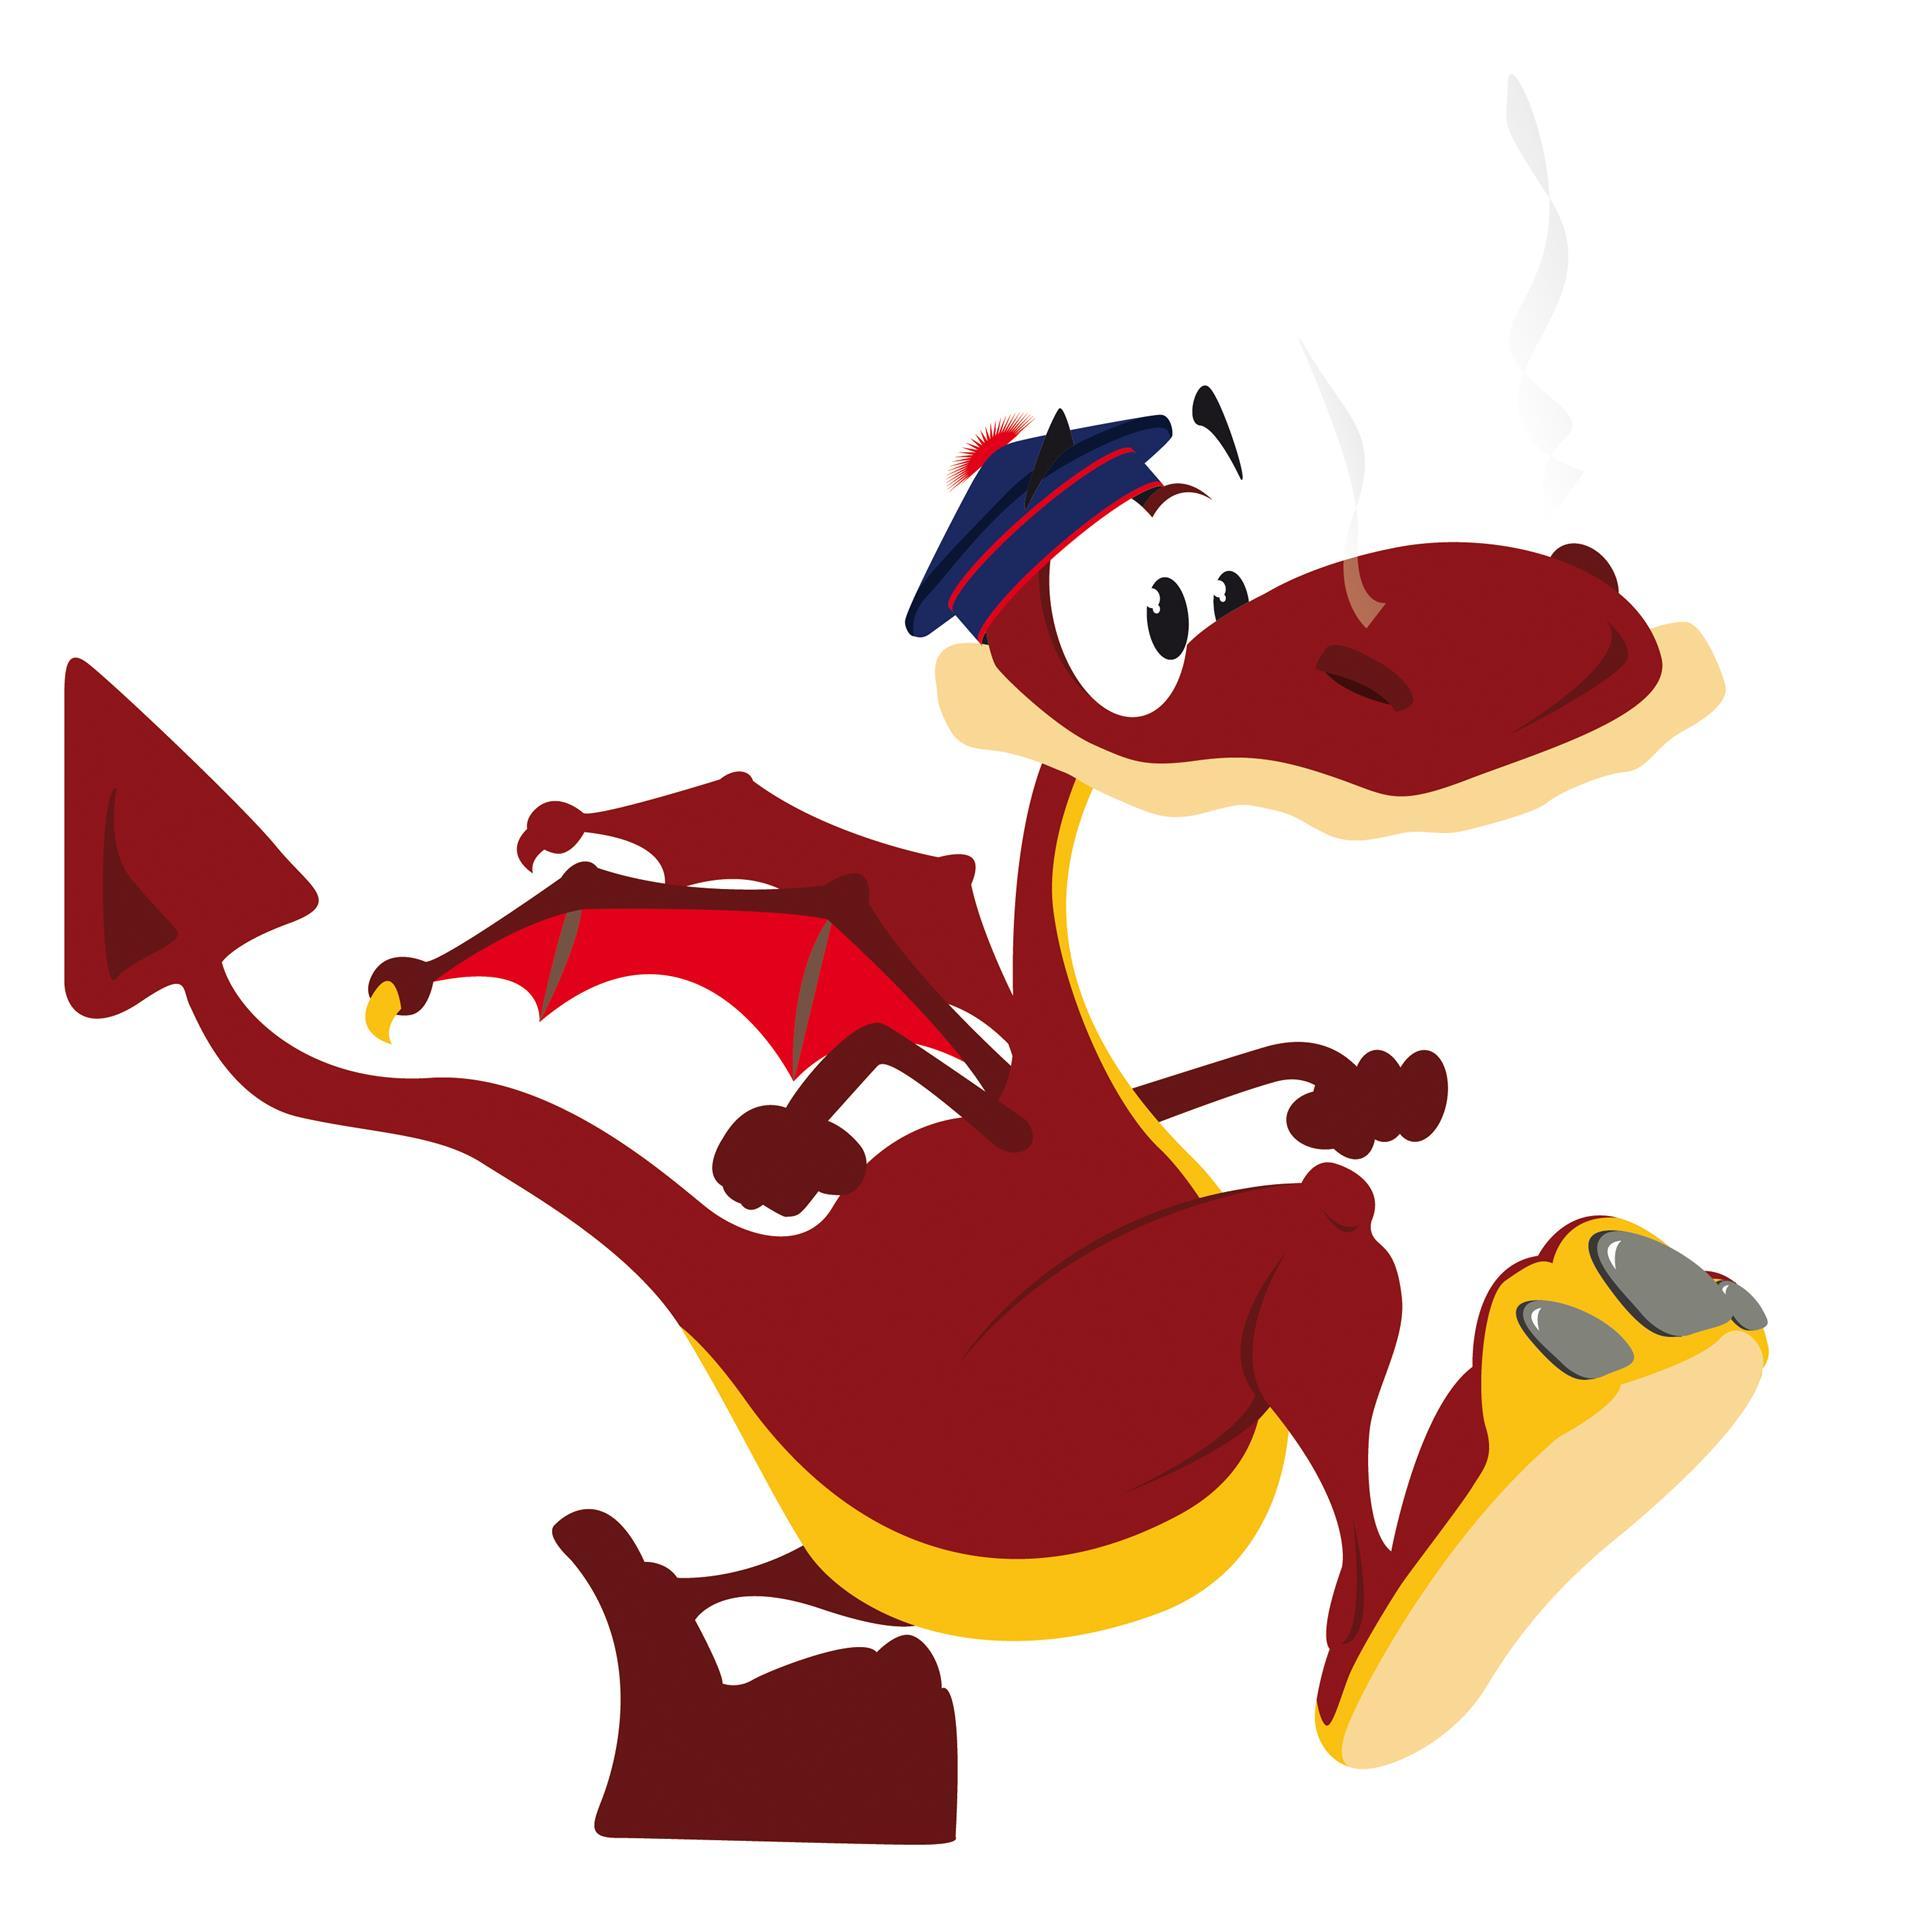 S''murot le petit dragon - OFFICE DE TOURISME DE SEMUR-EN-AUXOIS©C. GILLES / OT SEMUR-EN-AUXOIS